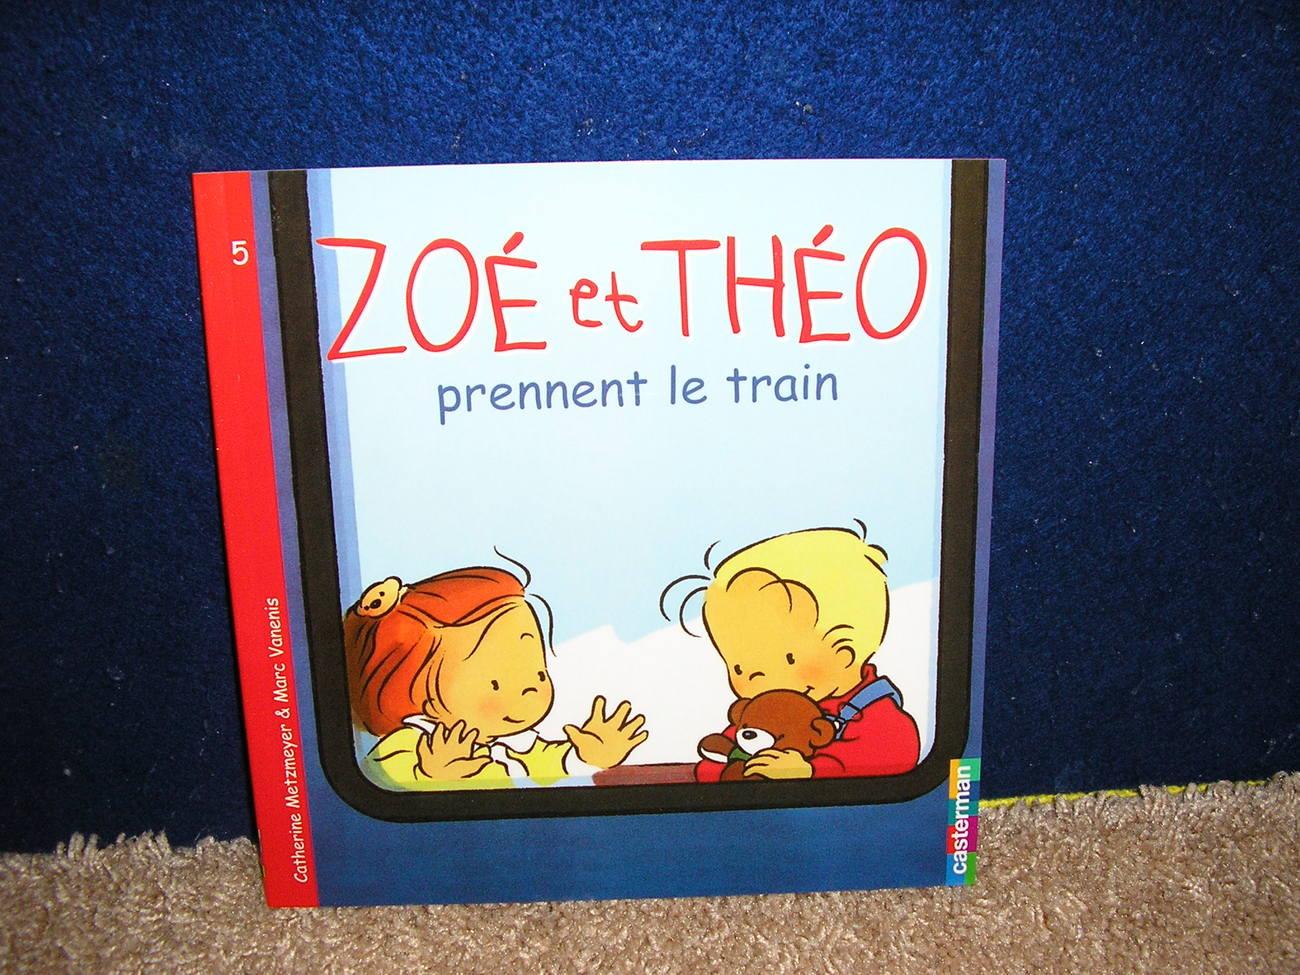 Zoe et theo